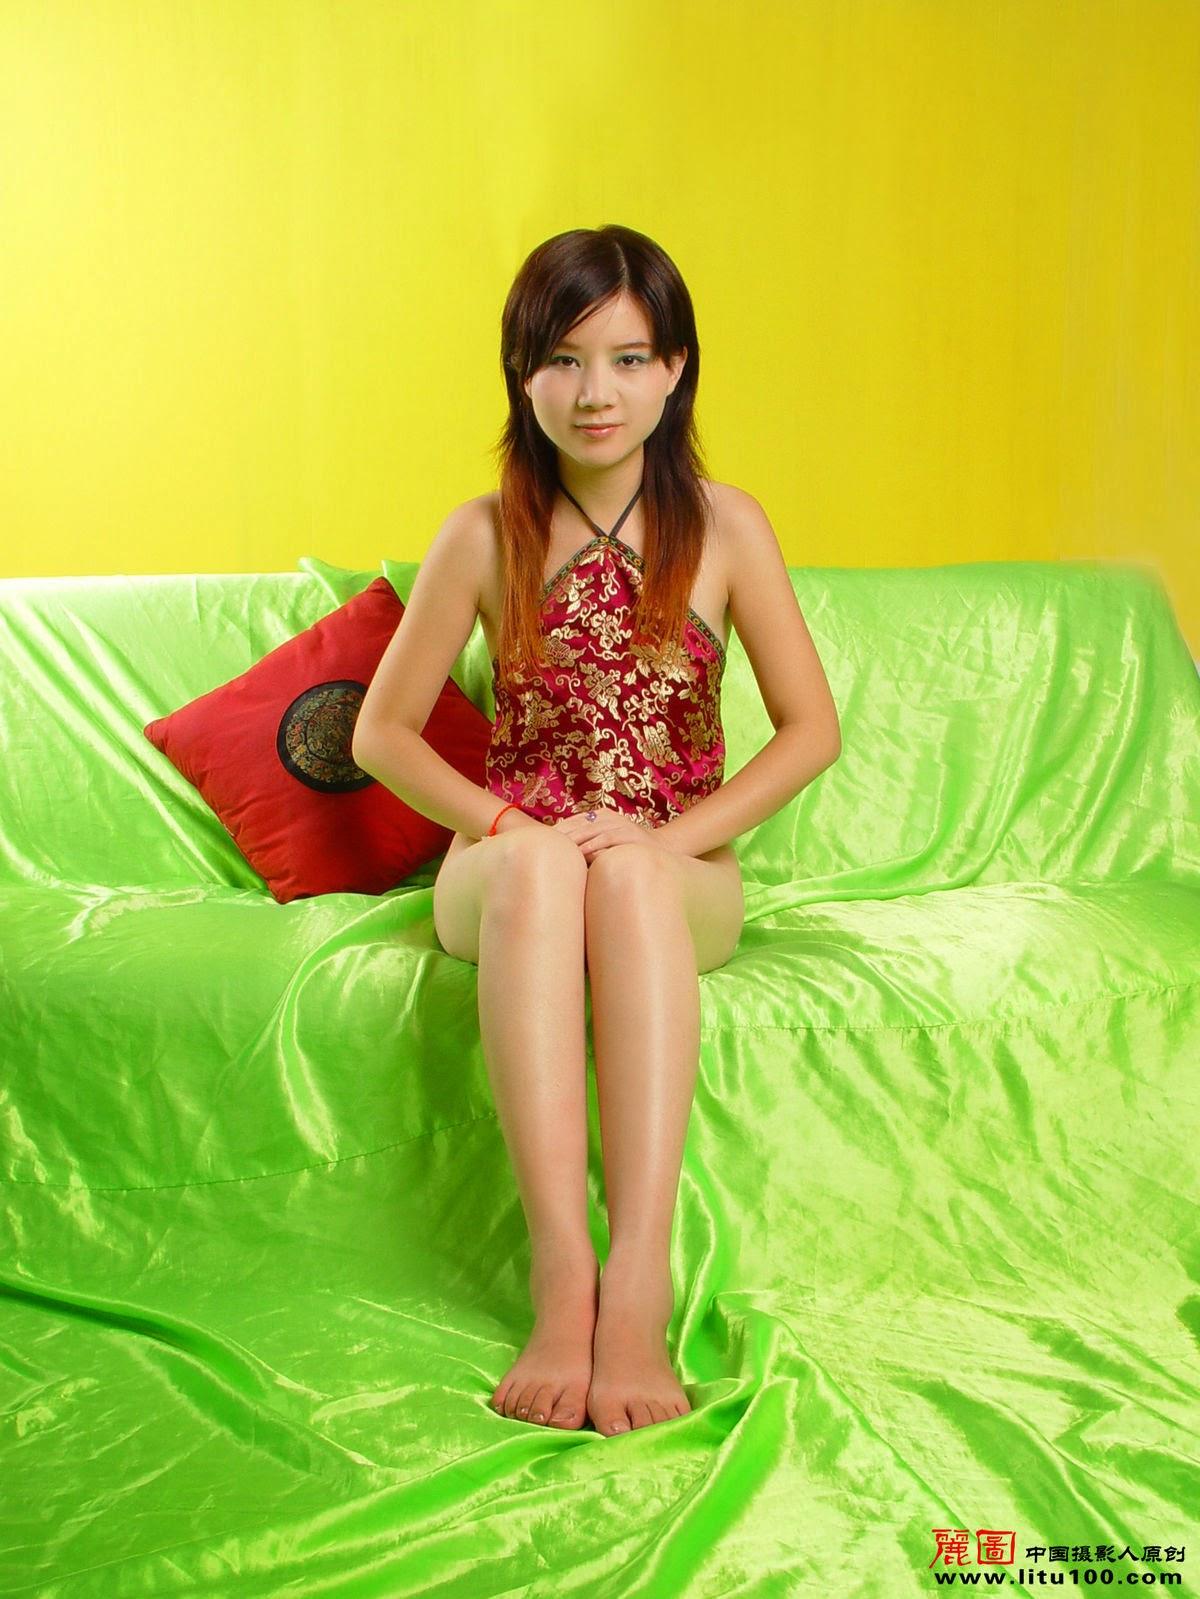 Chinese Nude Model Zu [Litu100] | 18+ gallery photos